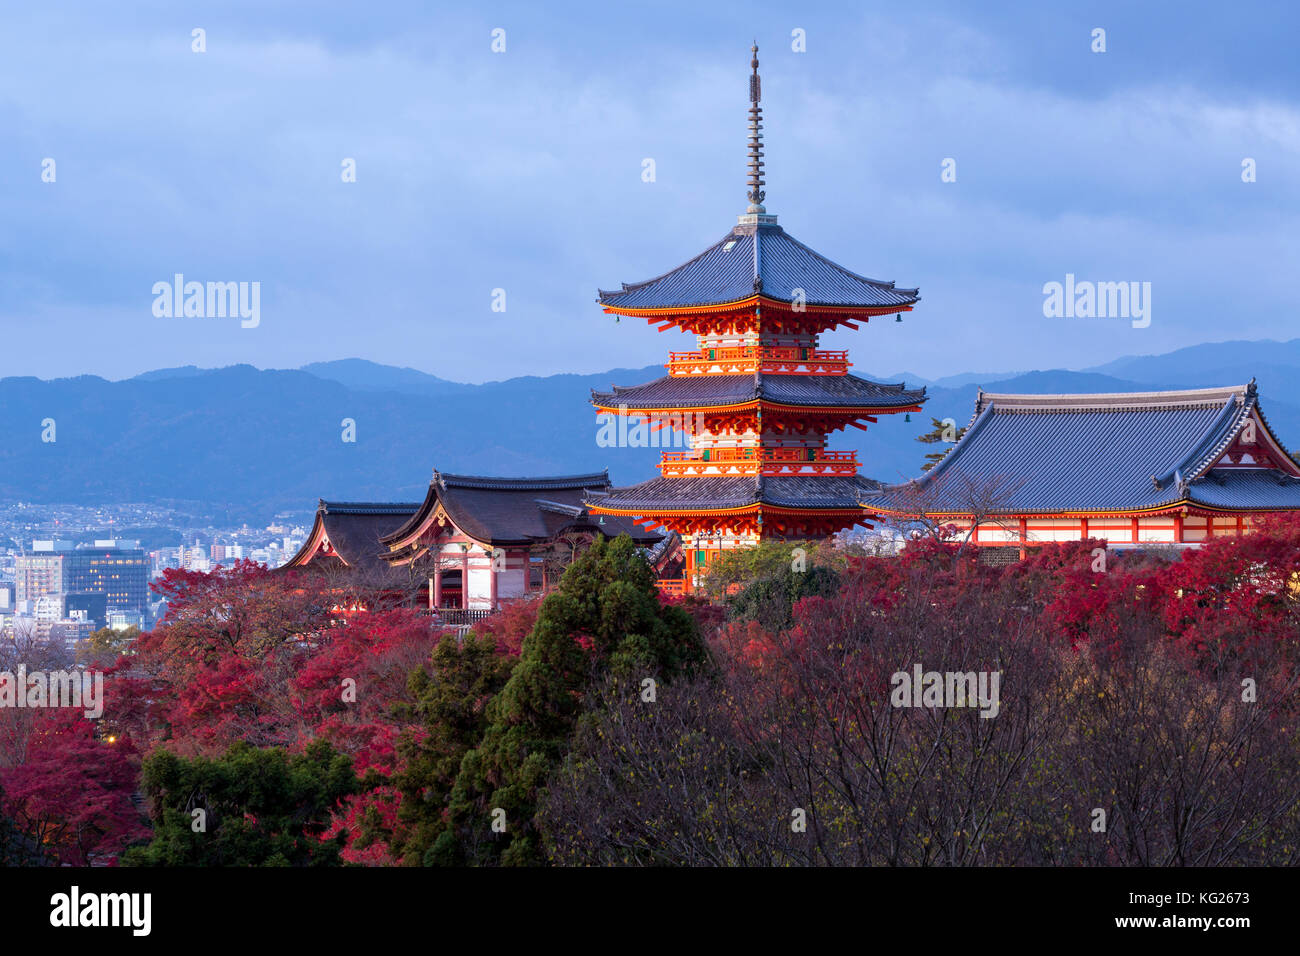 Le temple Kiyomizu-dera, UNESCO World Heritage site, Kyoto, Honshu, Japon, Asie Photo Stock